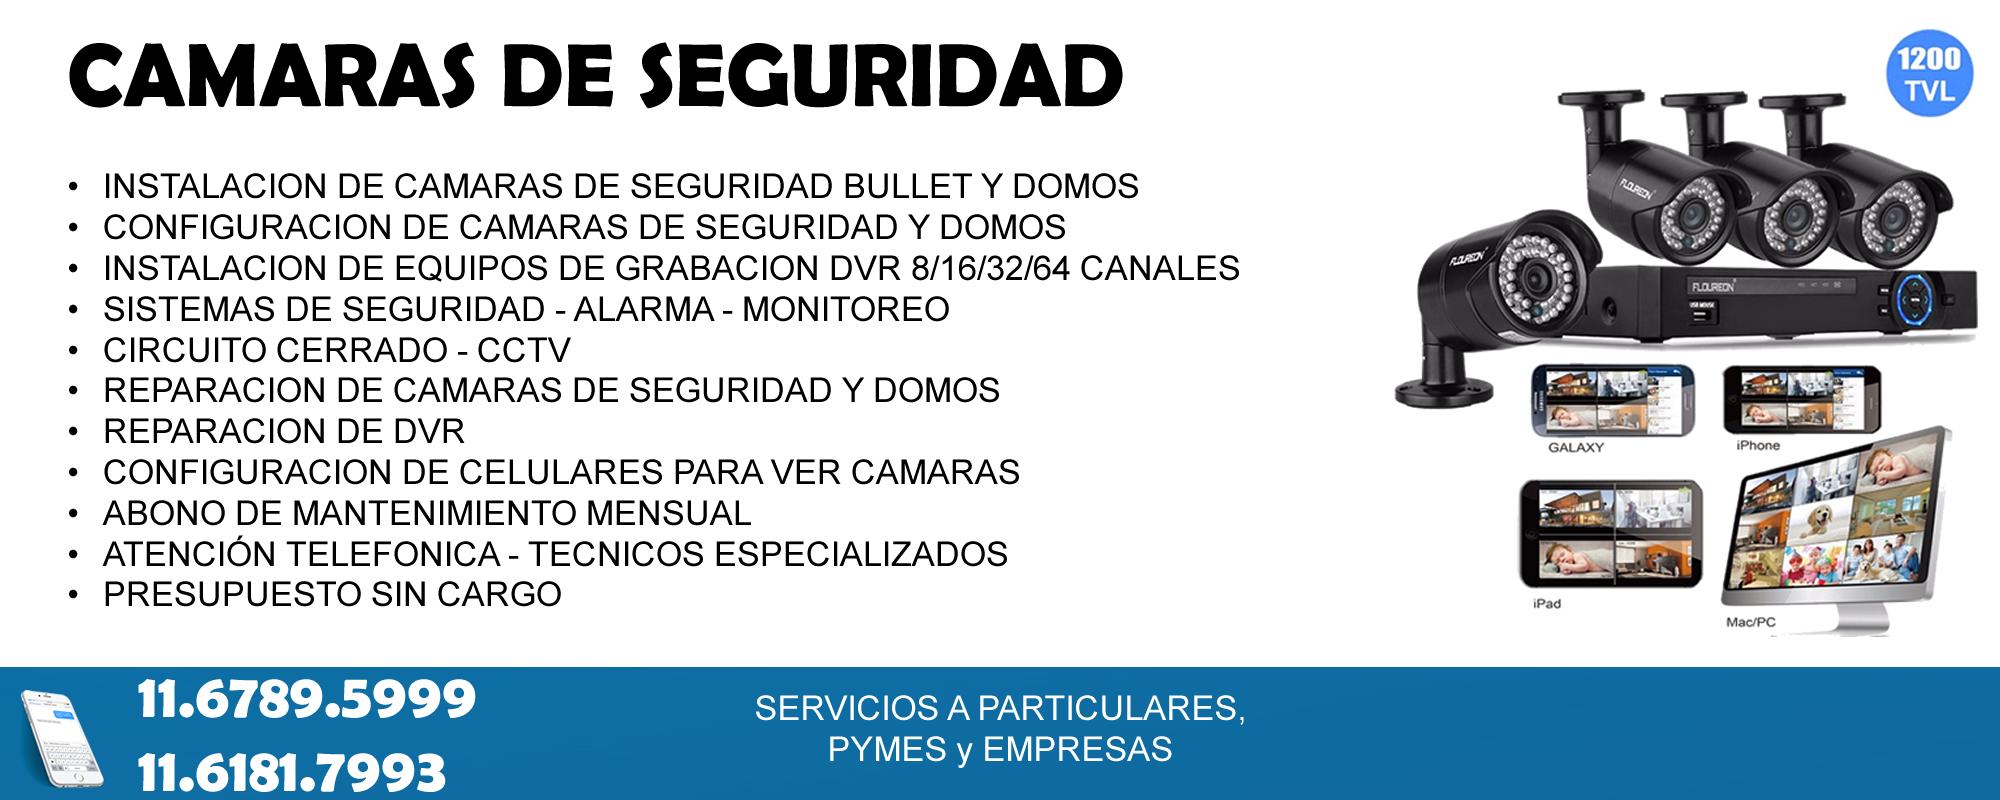 Sistemas de seguridad camaras de seguridad domos dvr - Sistemas de seguridad ...